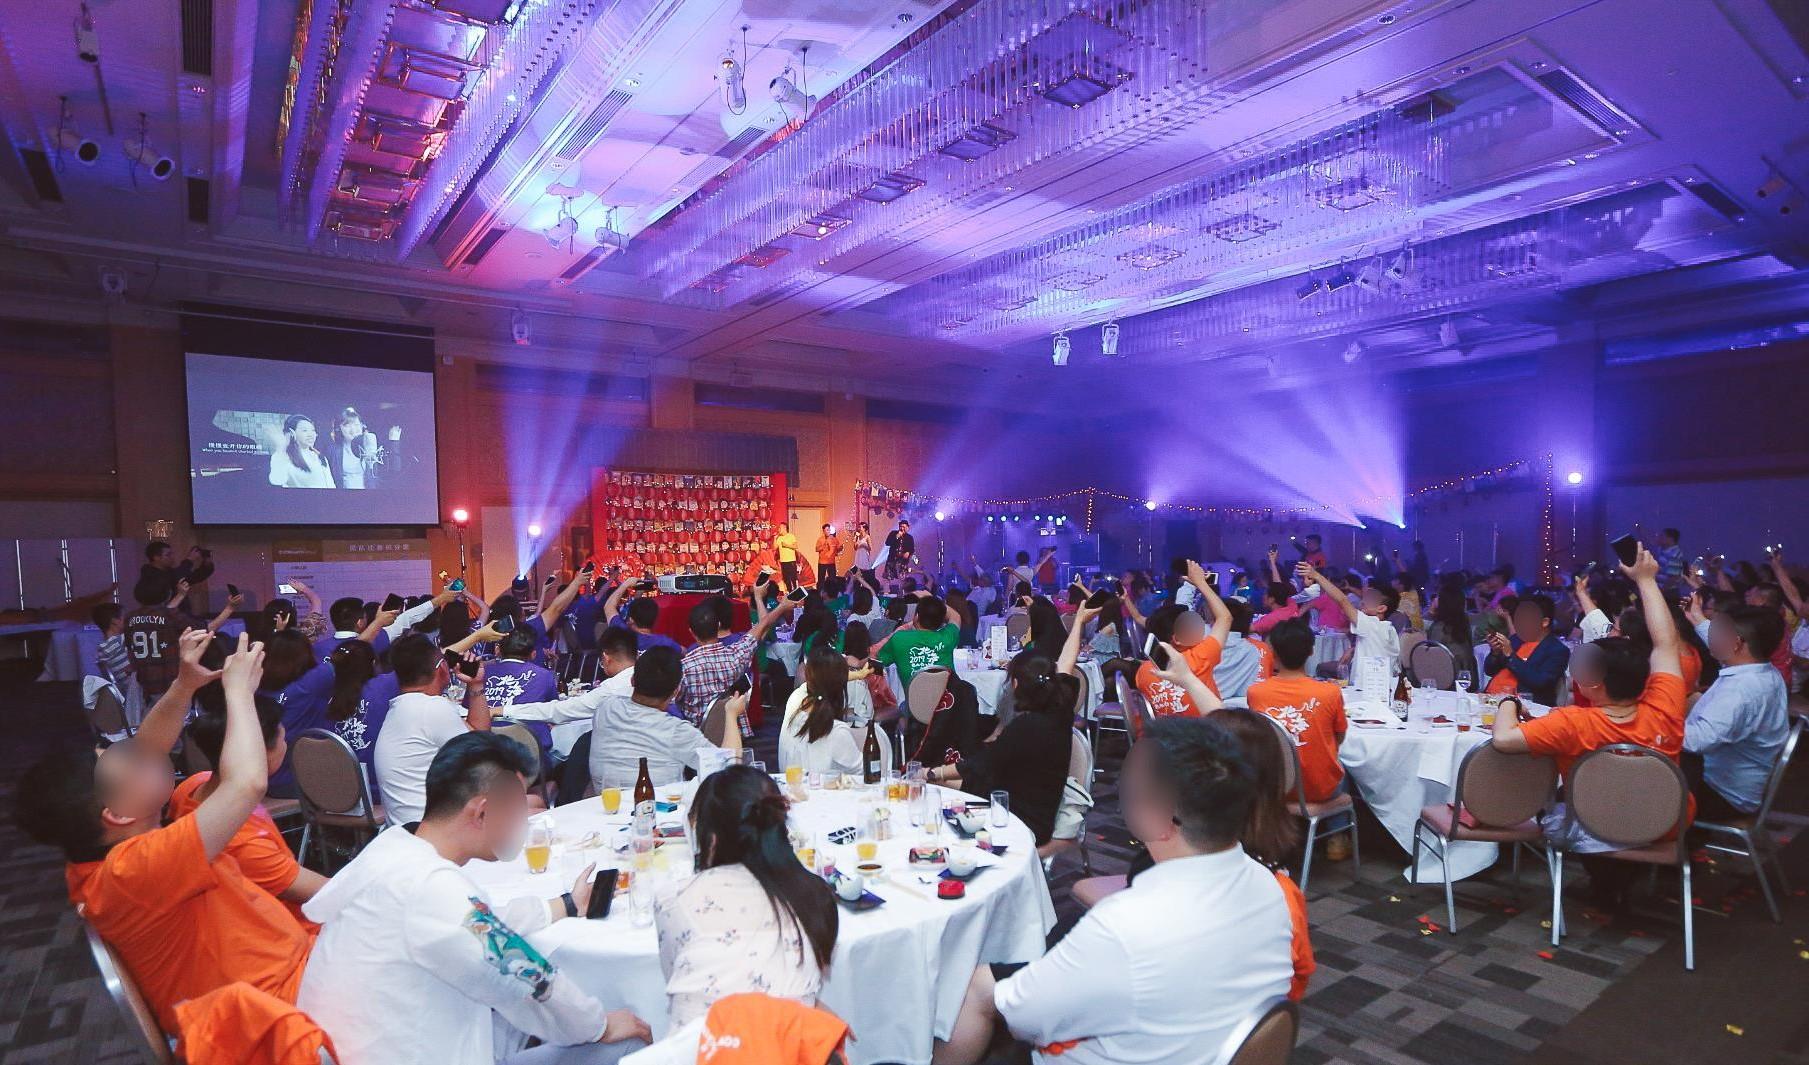 2019 Cowealth Group Semi-annual Conference in Hokkaido